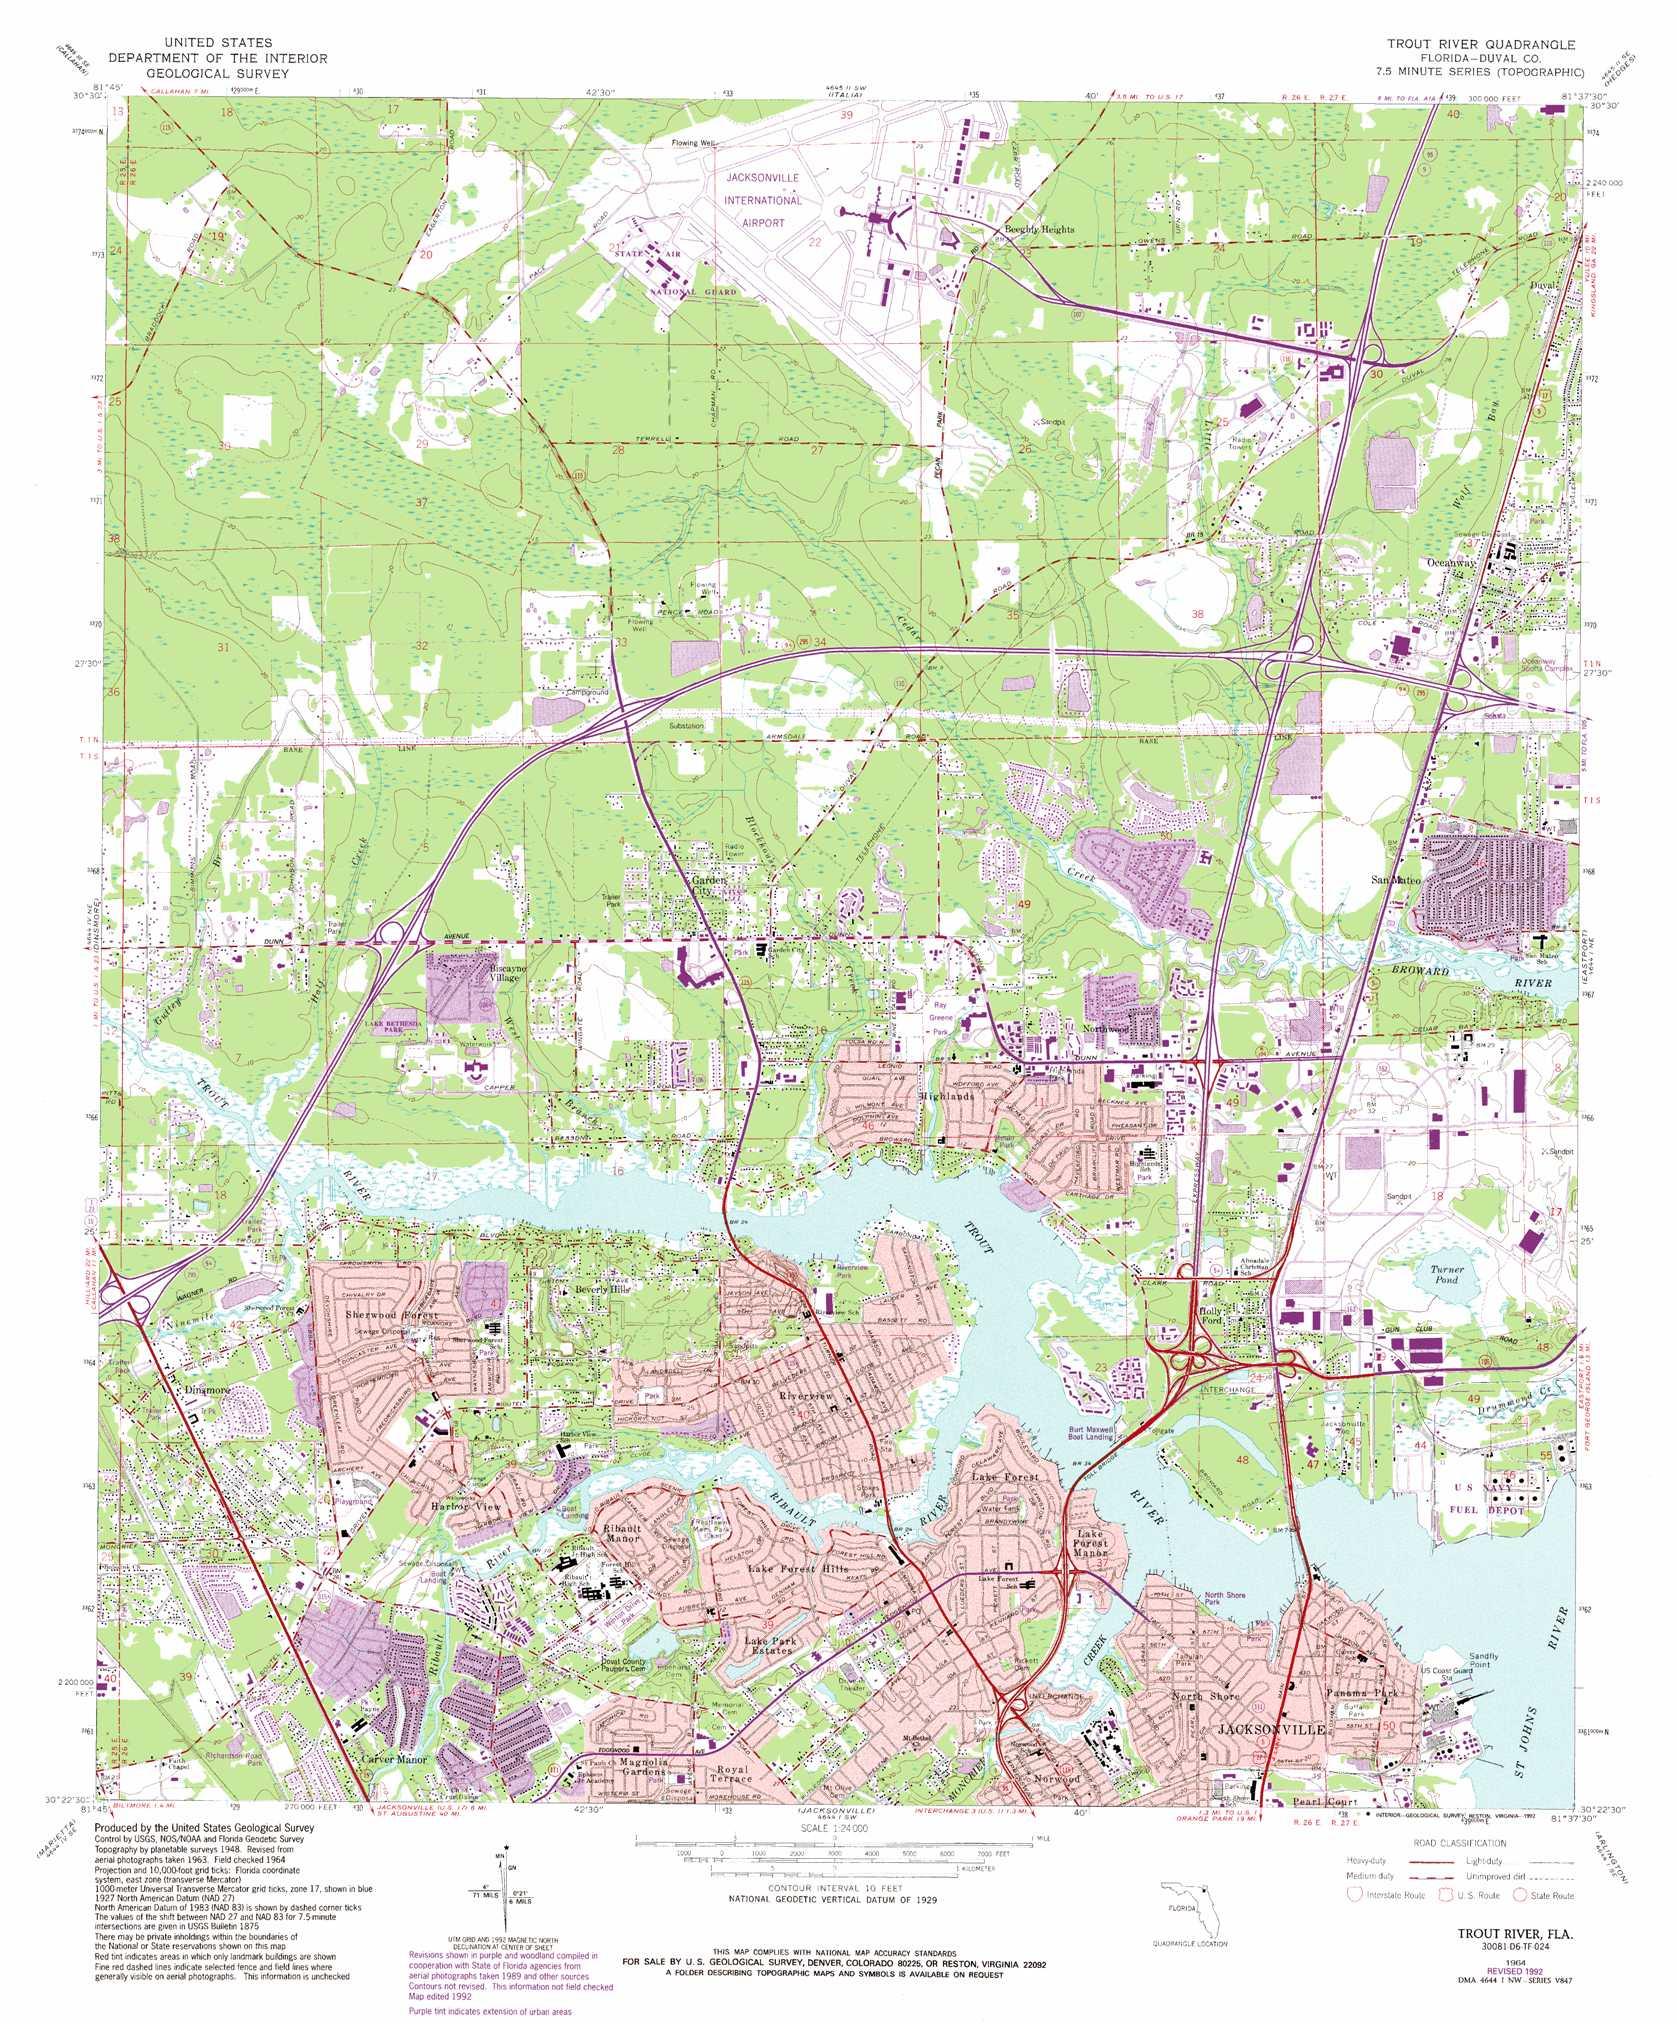 Trout River topographic map, FL - USGS Topo Quad 30081d6